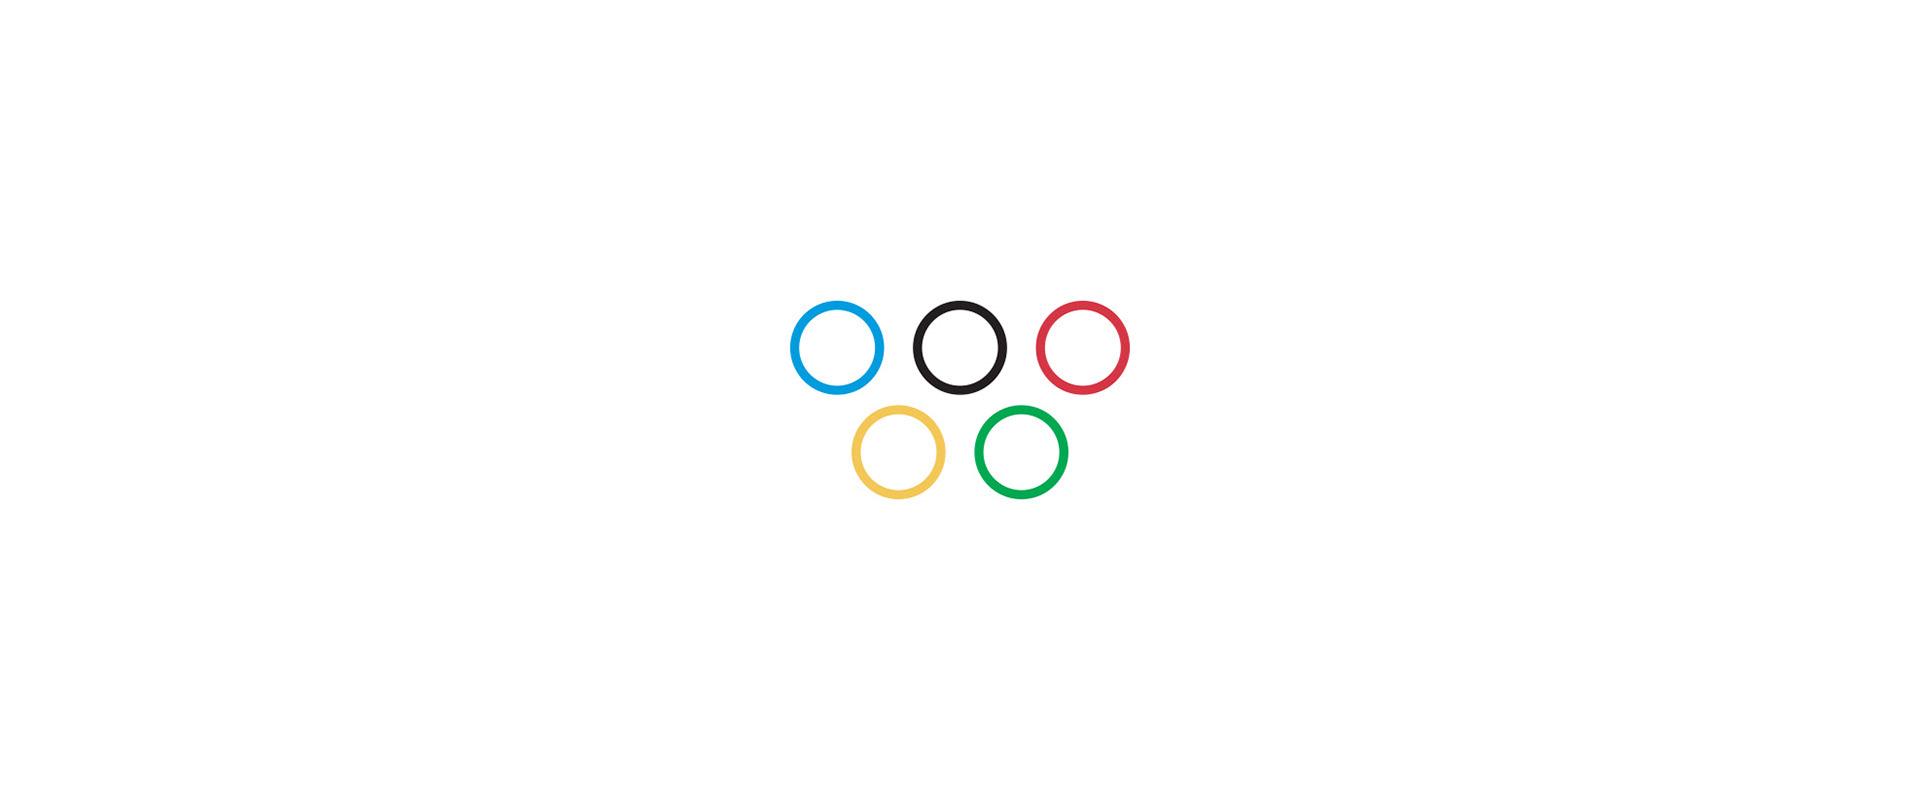 Beroemde logo's aangepast aan de nieuwe COVID-19-realiteit